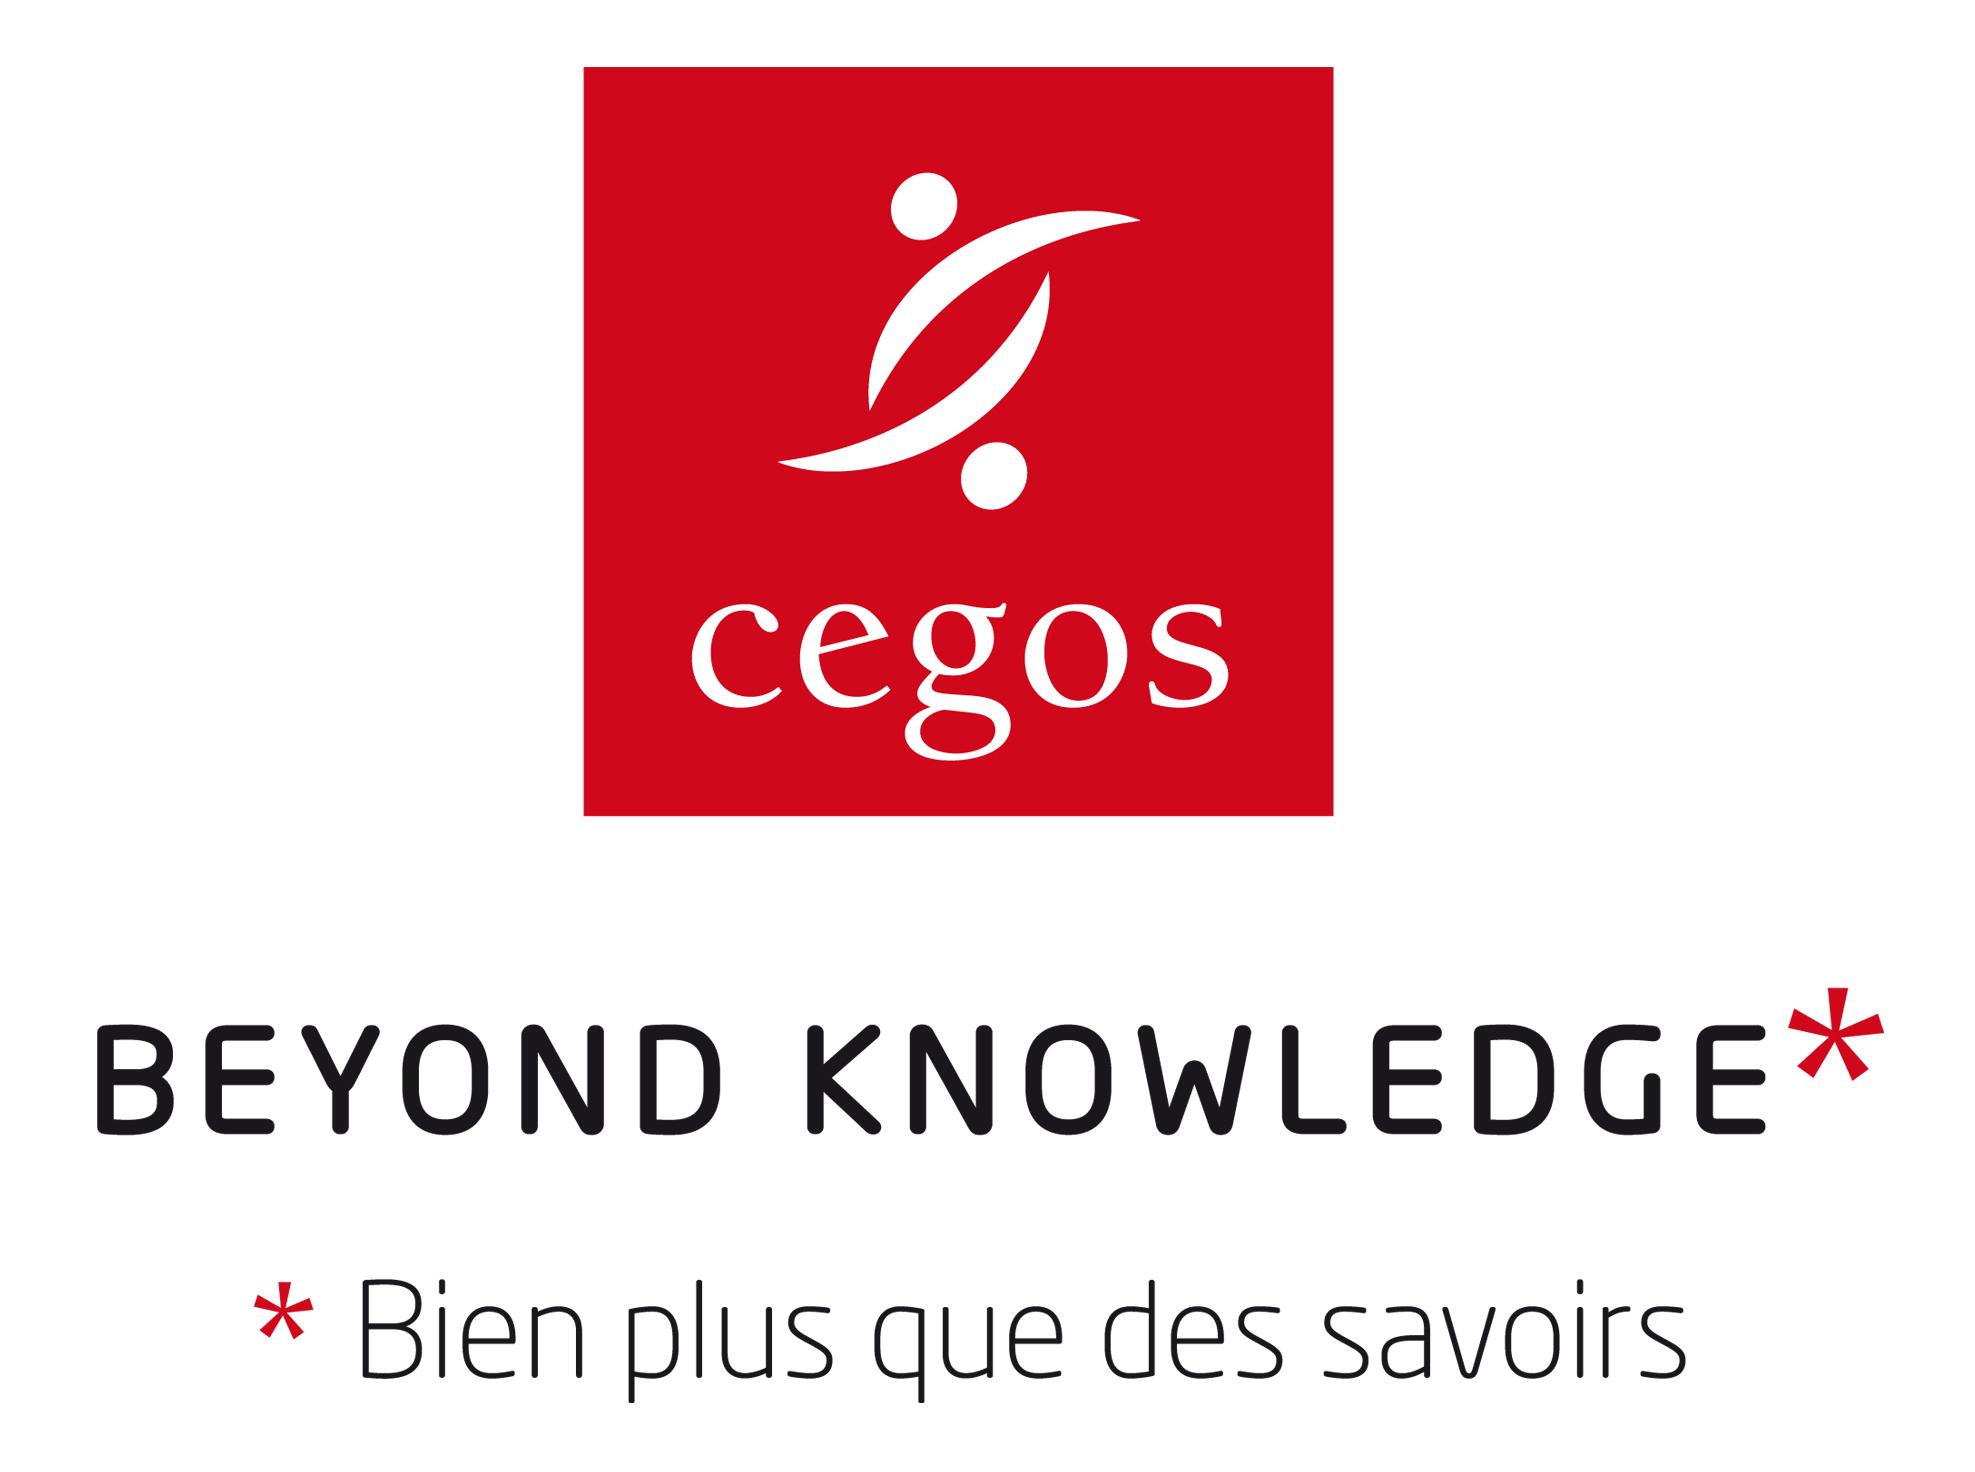 the Cegos logo.